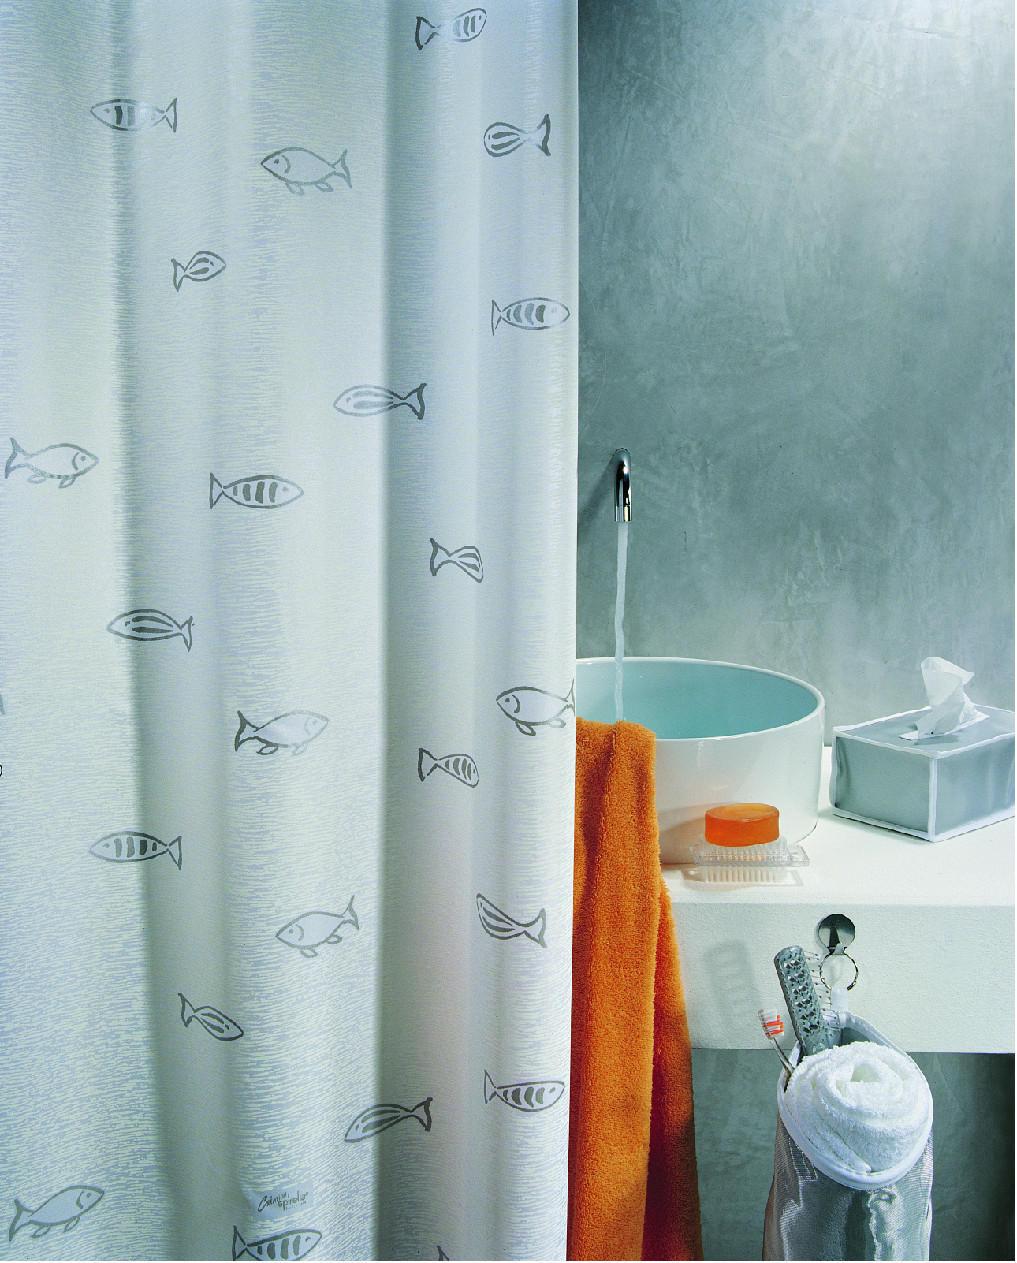 DUSCHVORHANG  Silberfarben, Weiß 180/200 cm - Silberfarben/Weiß, Basics, Textil (180/200cm) - SPIRELLA